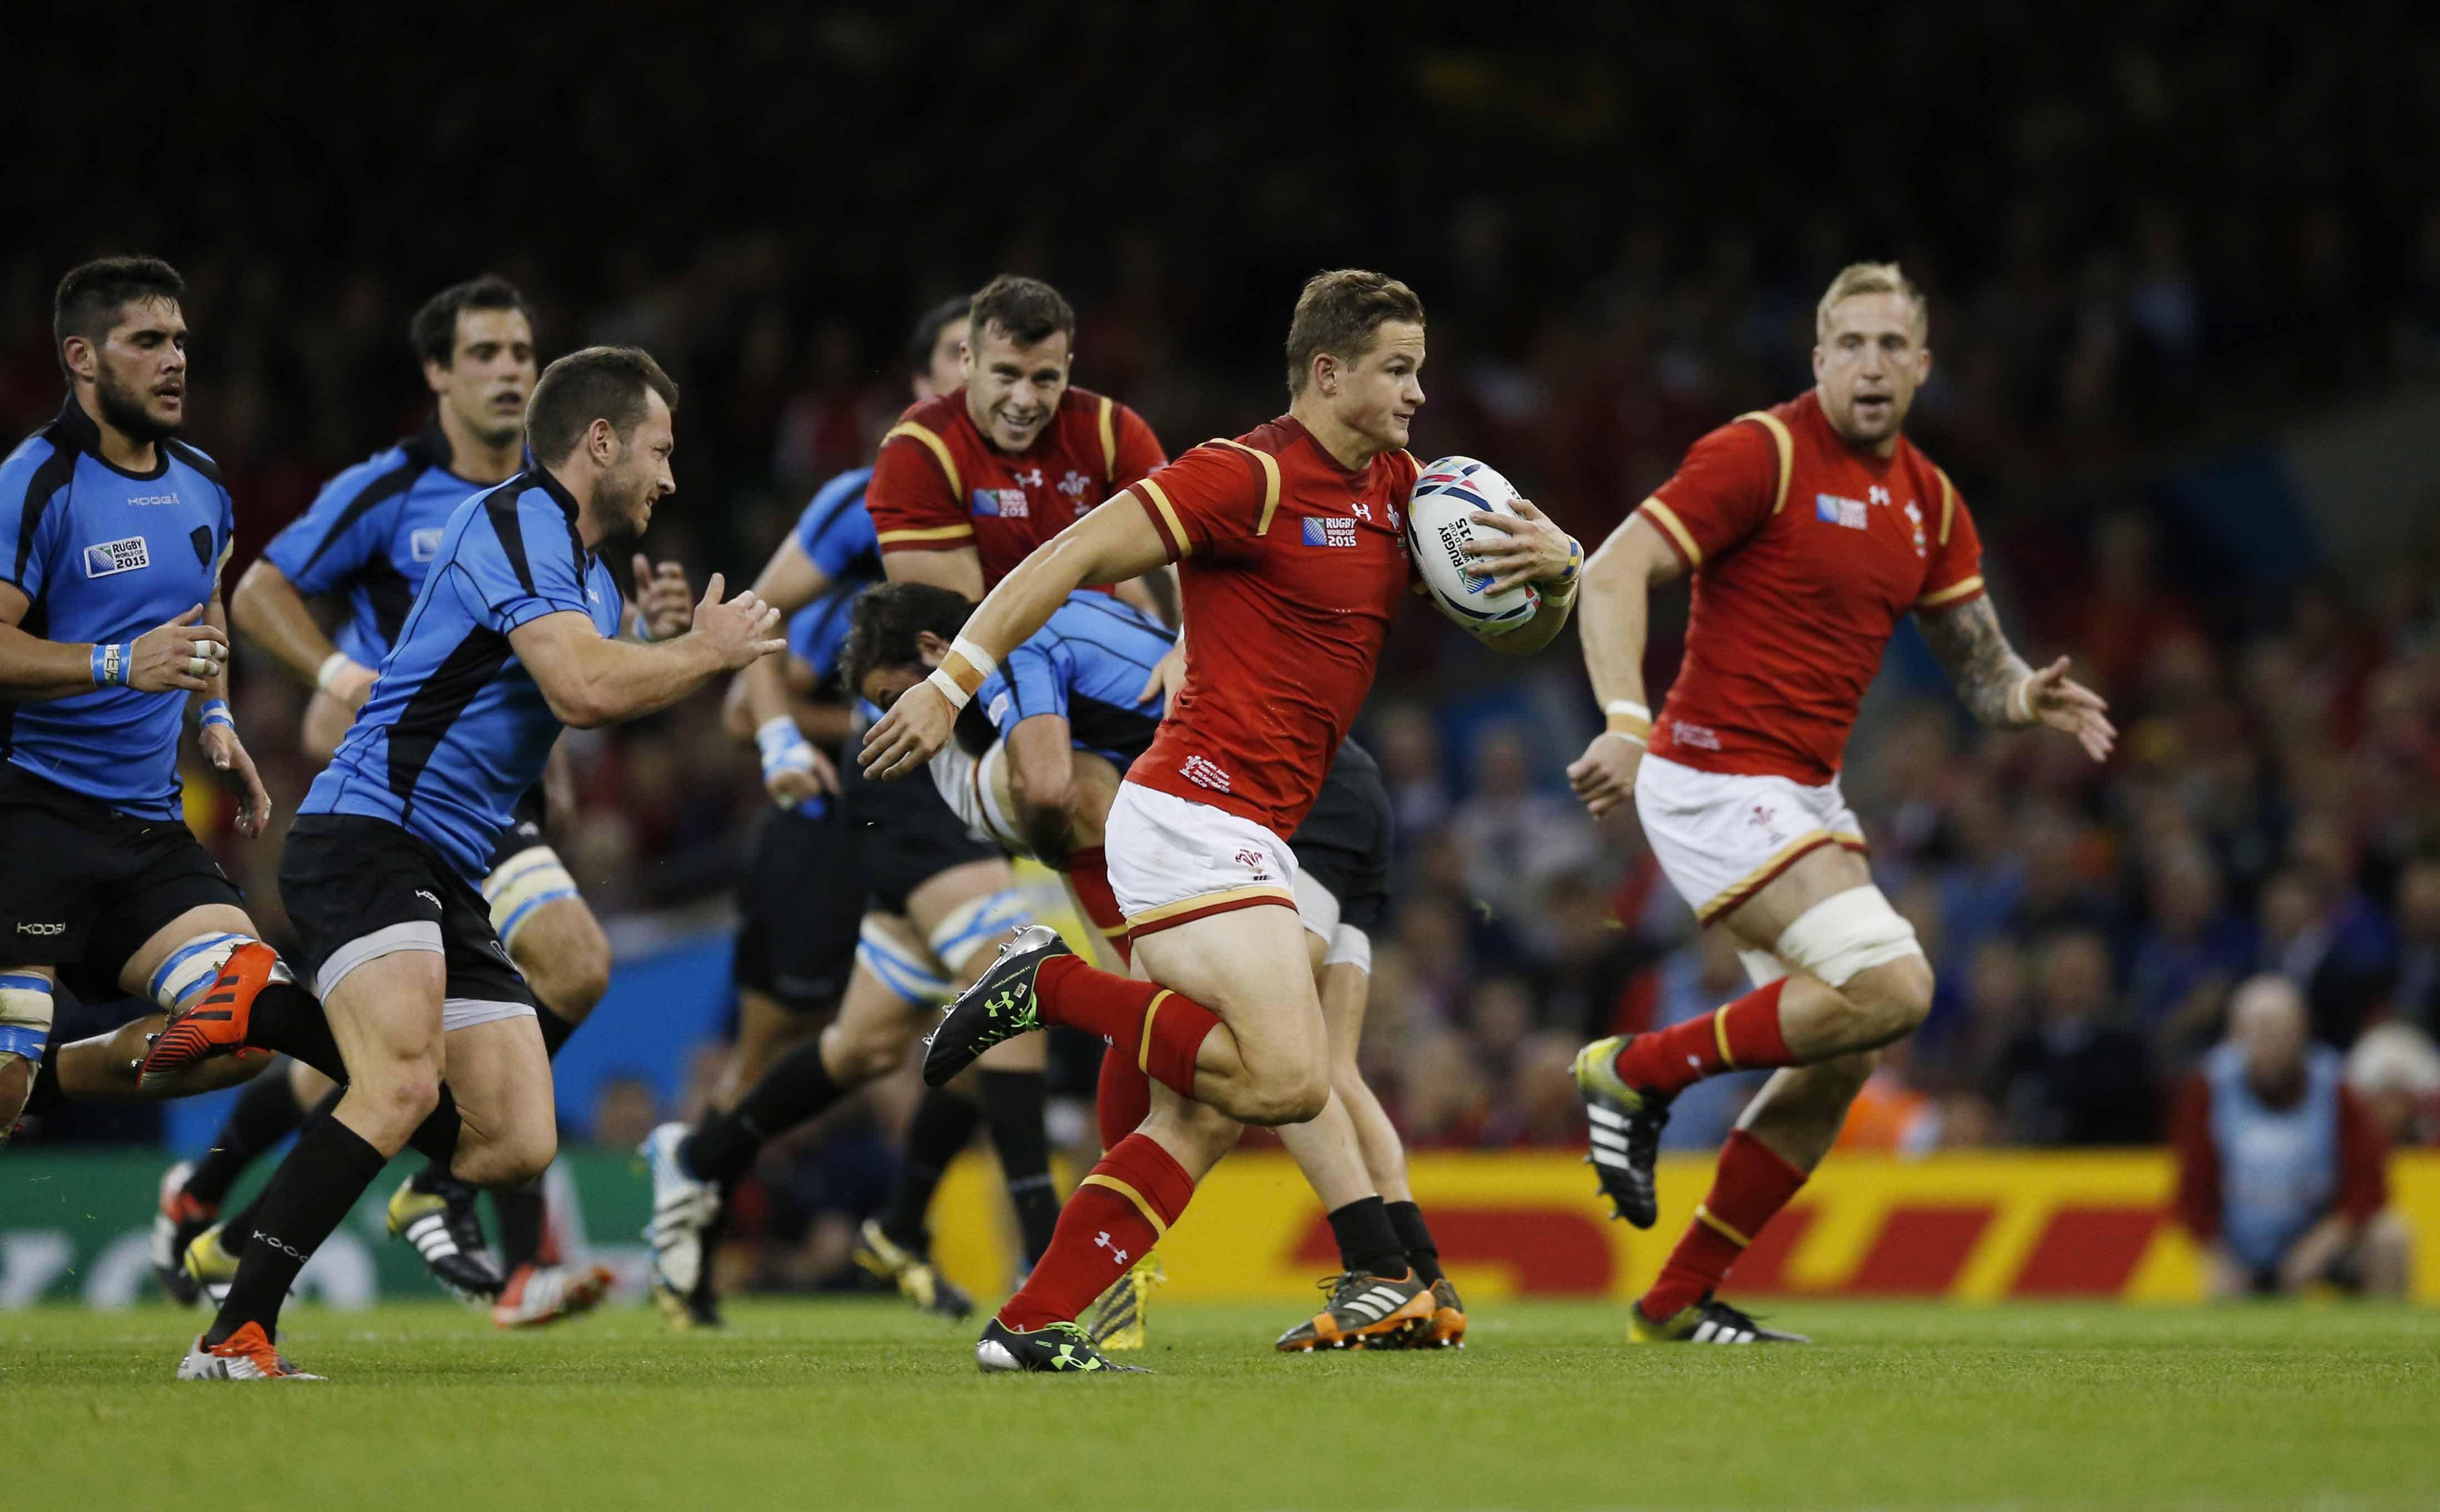 Les gallois m me sur une jambe veulent pi tiner le - Resultats coupe du monde de rugby 2015 ...